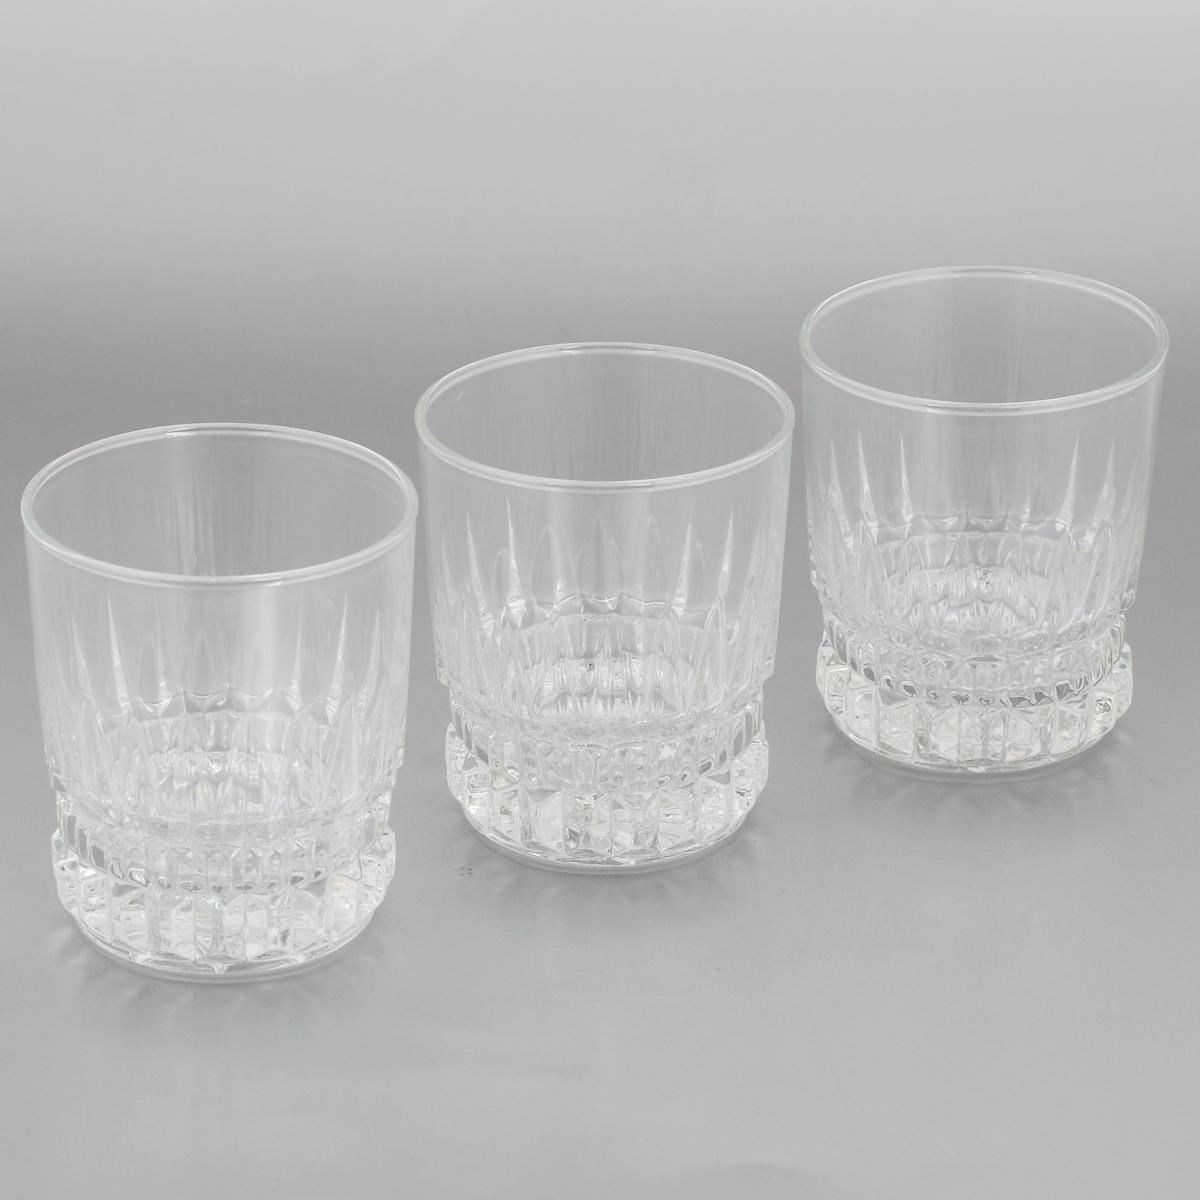 Набор стаканов Luminarc Imperator, 300 мл, 3 штVT-1520(SR)Набор Luminarc Imperator состоит из 3 граненых стаканов, выполненных из высококачественного стекла. Изделия имеют изысканный дизайн, утонченную форму и ослепительный блеск. Могут использоваться для алкогольных и безалкогольных напитков. Такой набор станет прекрасным дополнением сервировки стола, подойдет для ежедневного использования и для торжественных случаев. Можно мыть в посудомоечной машине. Диаметр стакана (по верхнему краю): 8 см.Высота: 9,5 см.